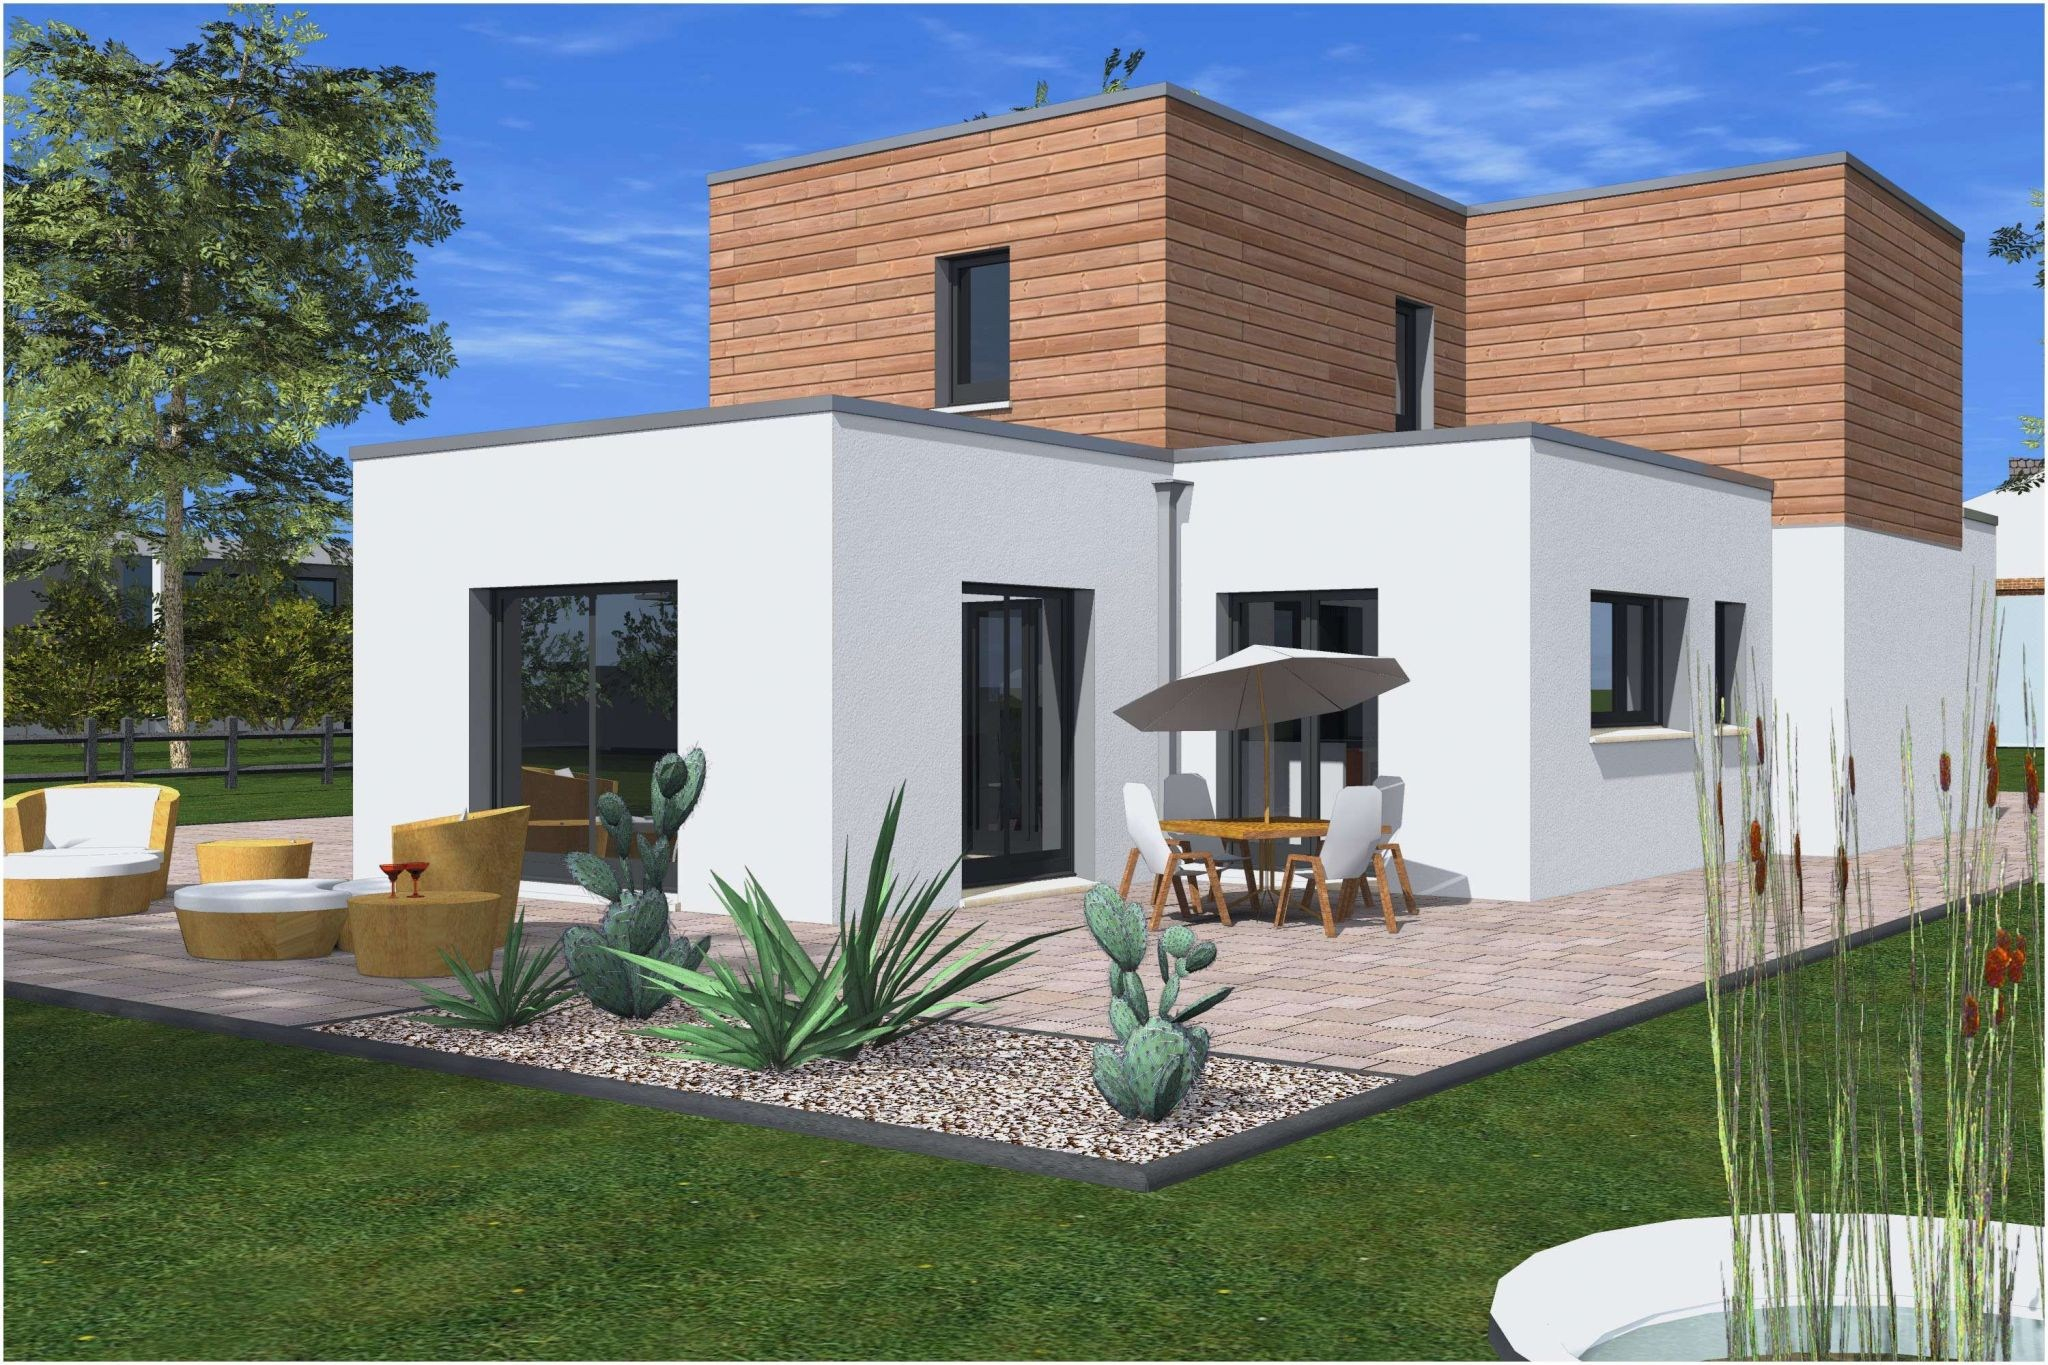 Logiciel De Plan De Maison 3D Gratuit Logiciel Gratuit pour Logiciel Jardin 3D